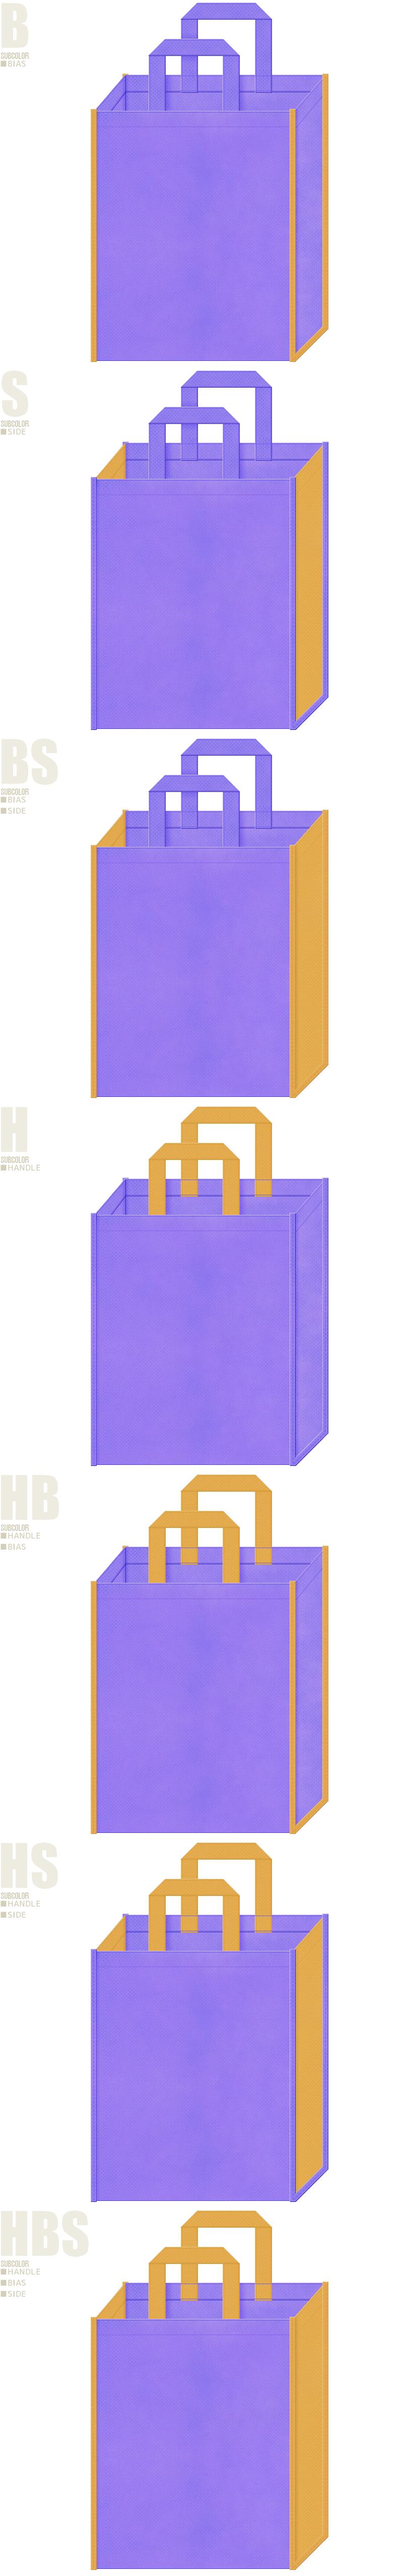 薄紫色と黄土色の配色7パターン:不織布トートバッグのデザイン